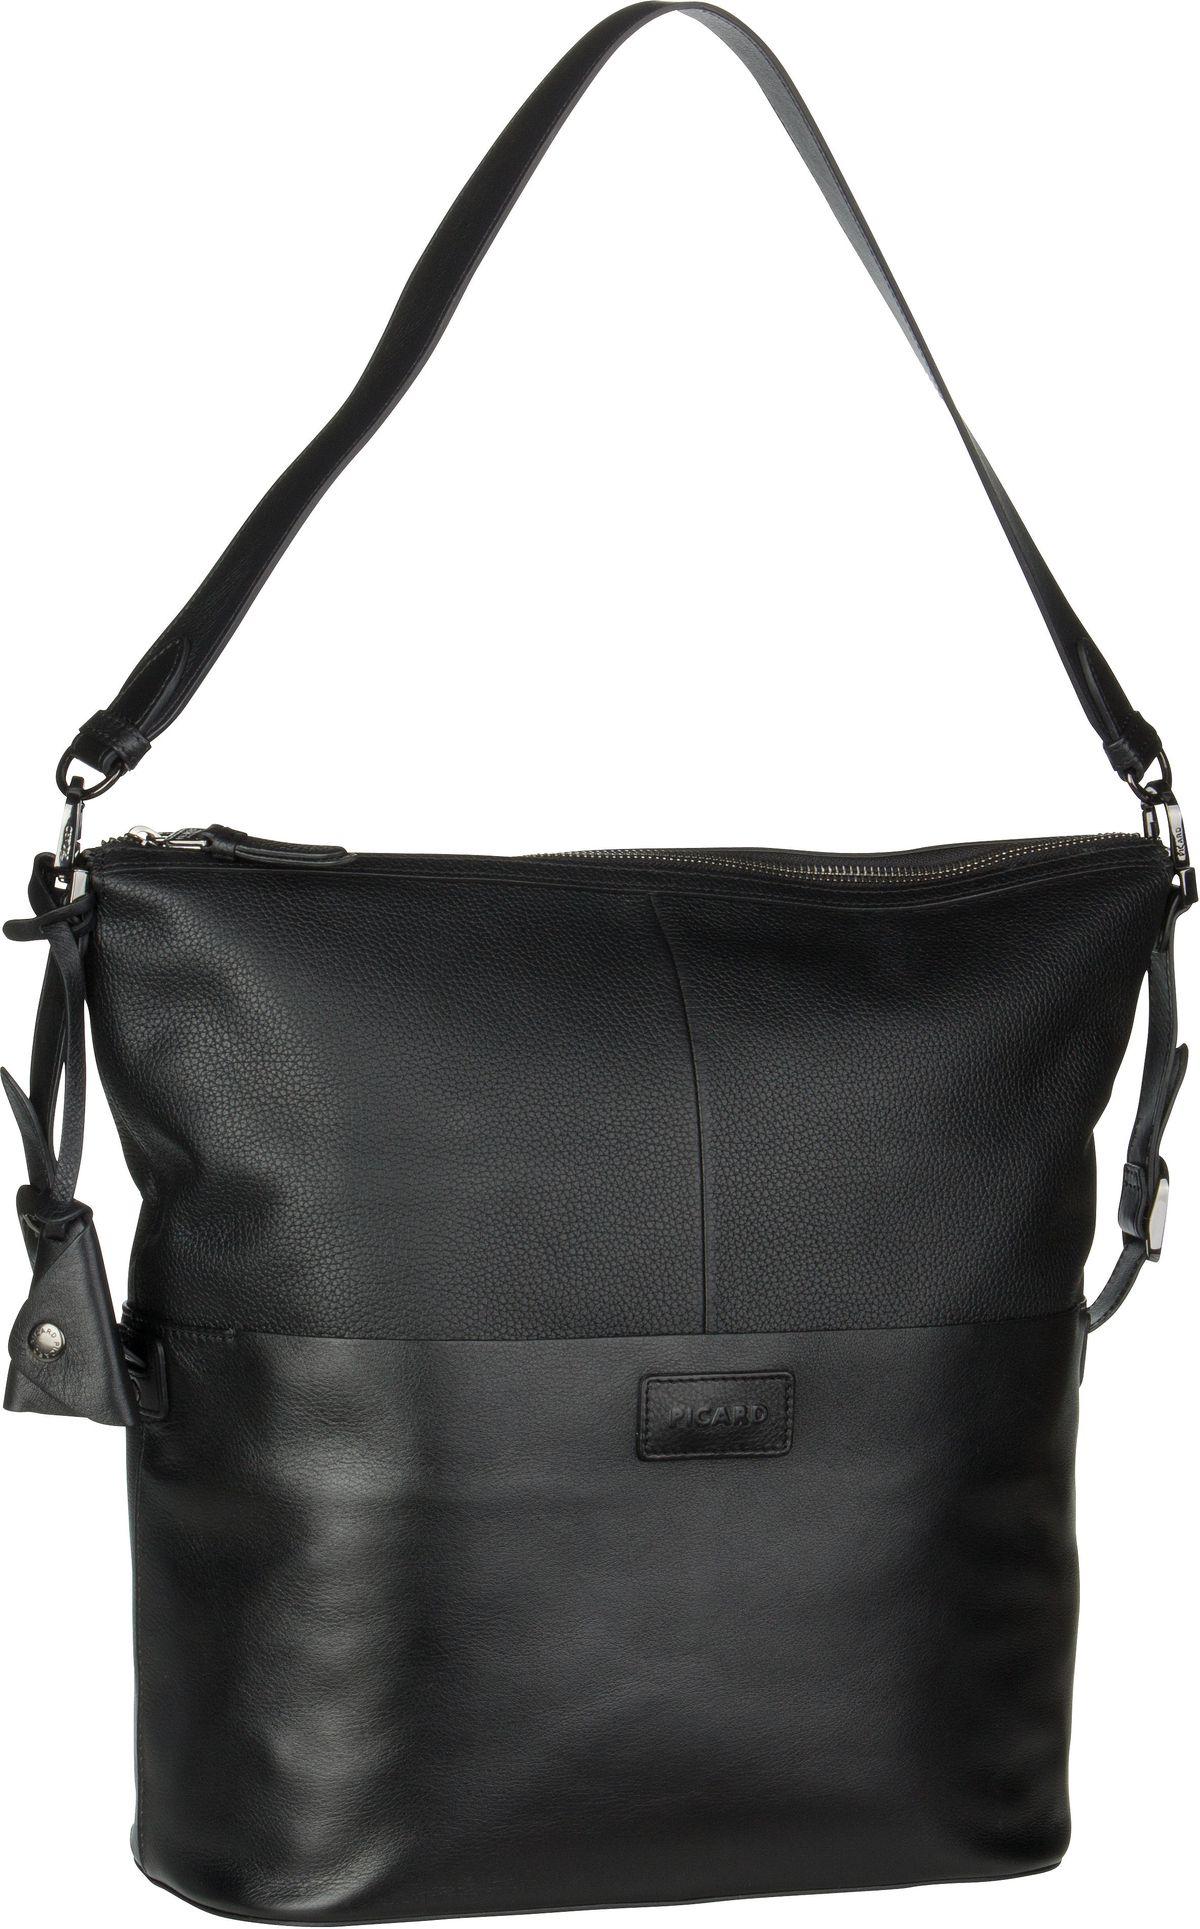 Handtasche Rendezvous 9541 Schwarz